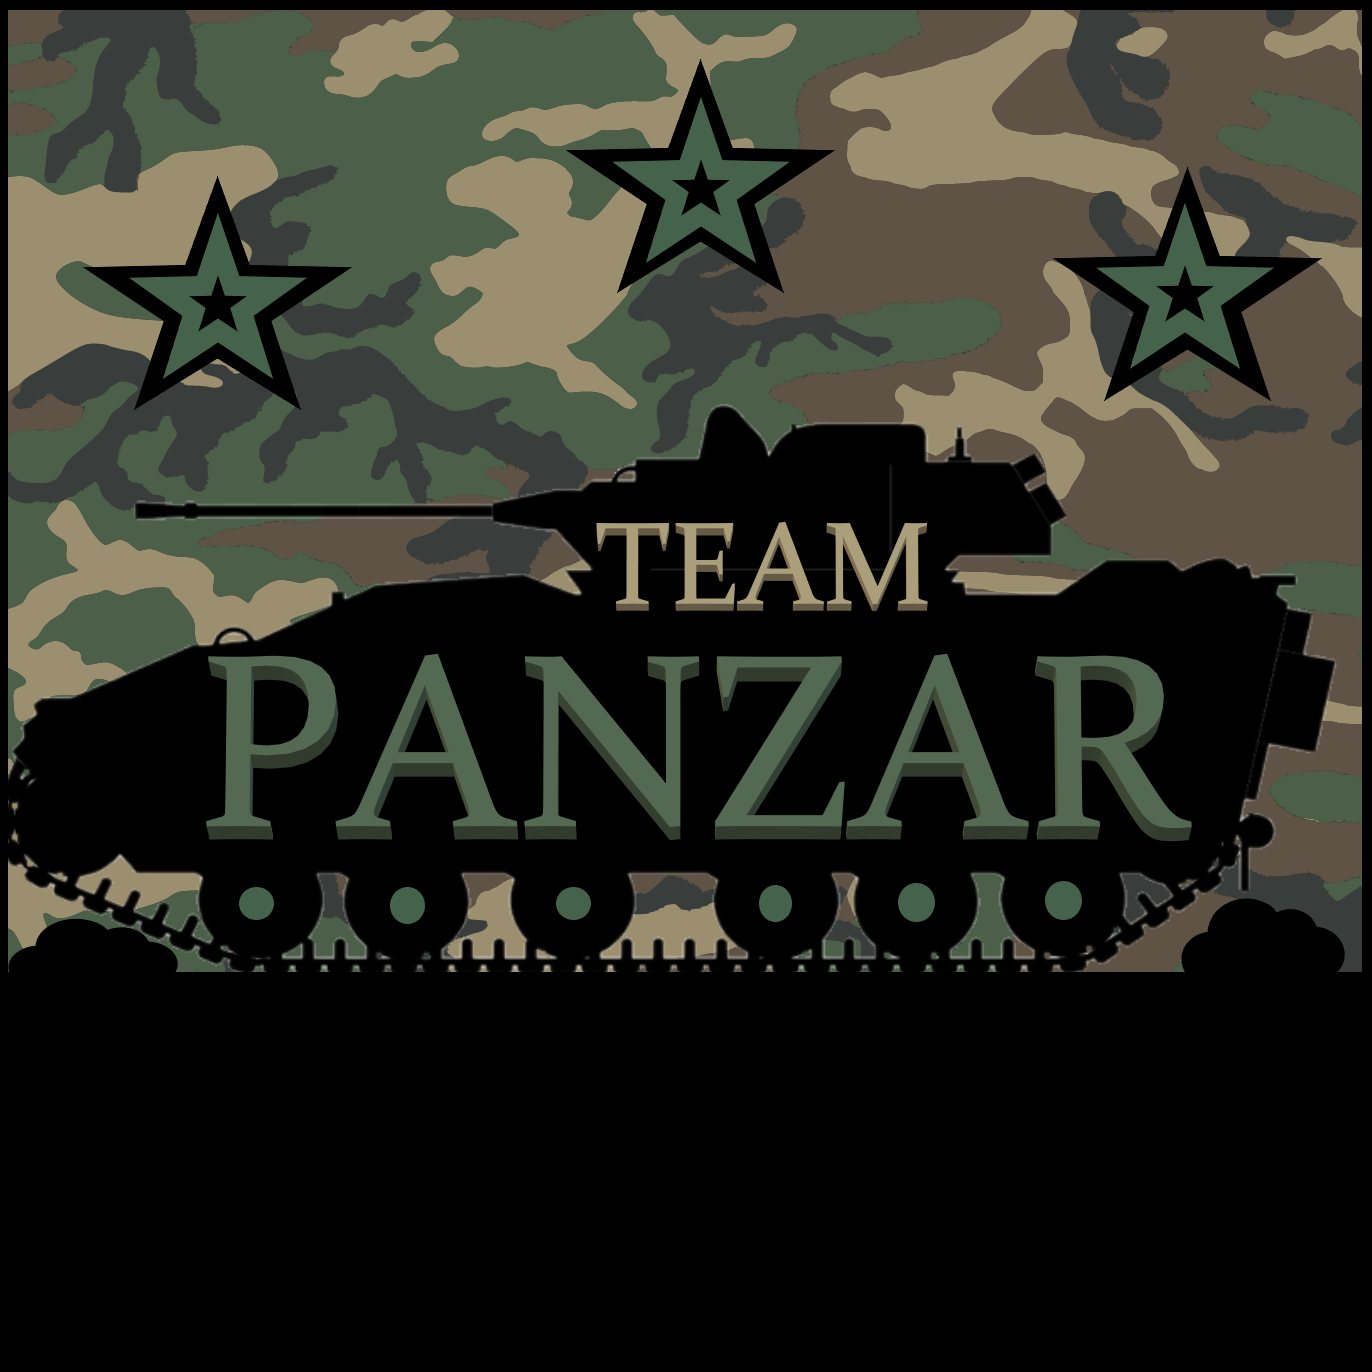 Team Panzar